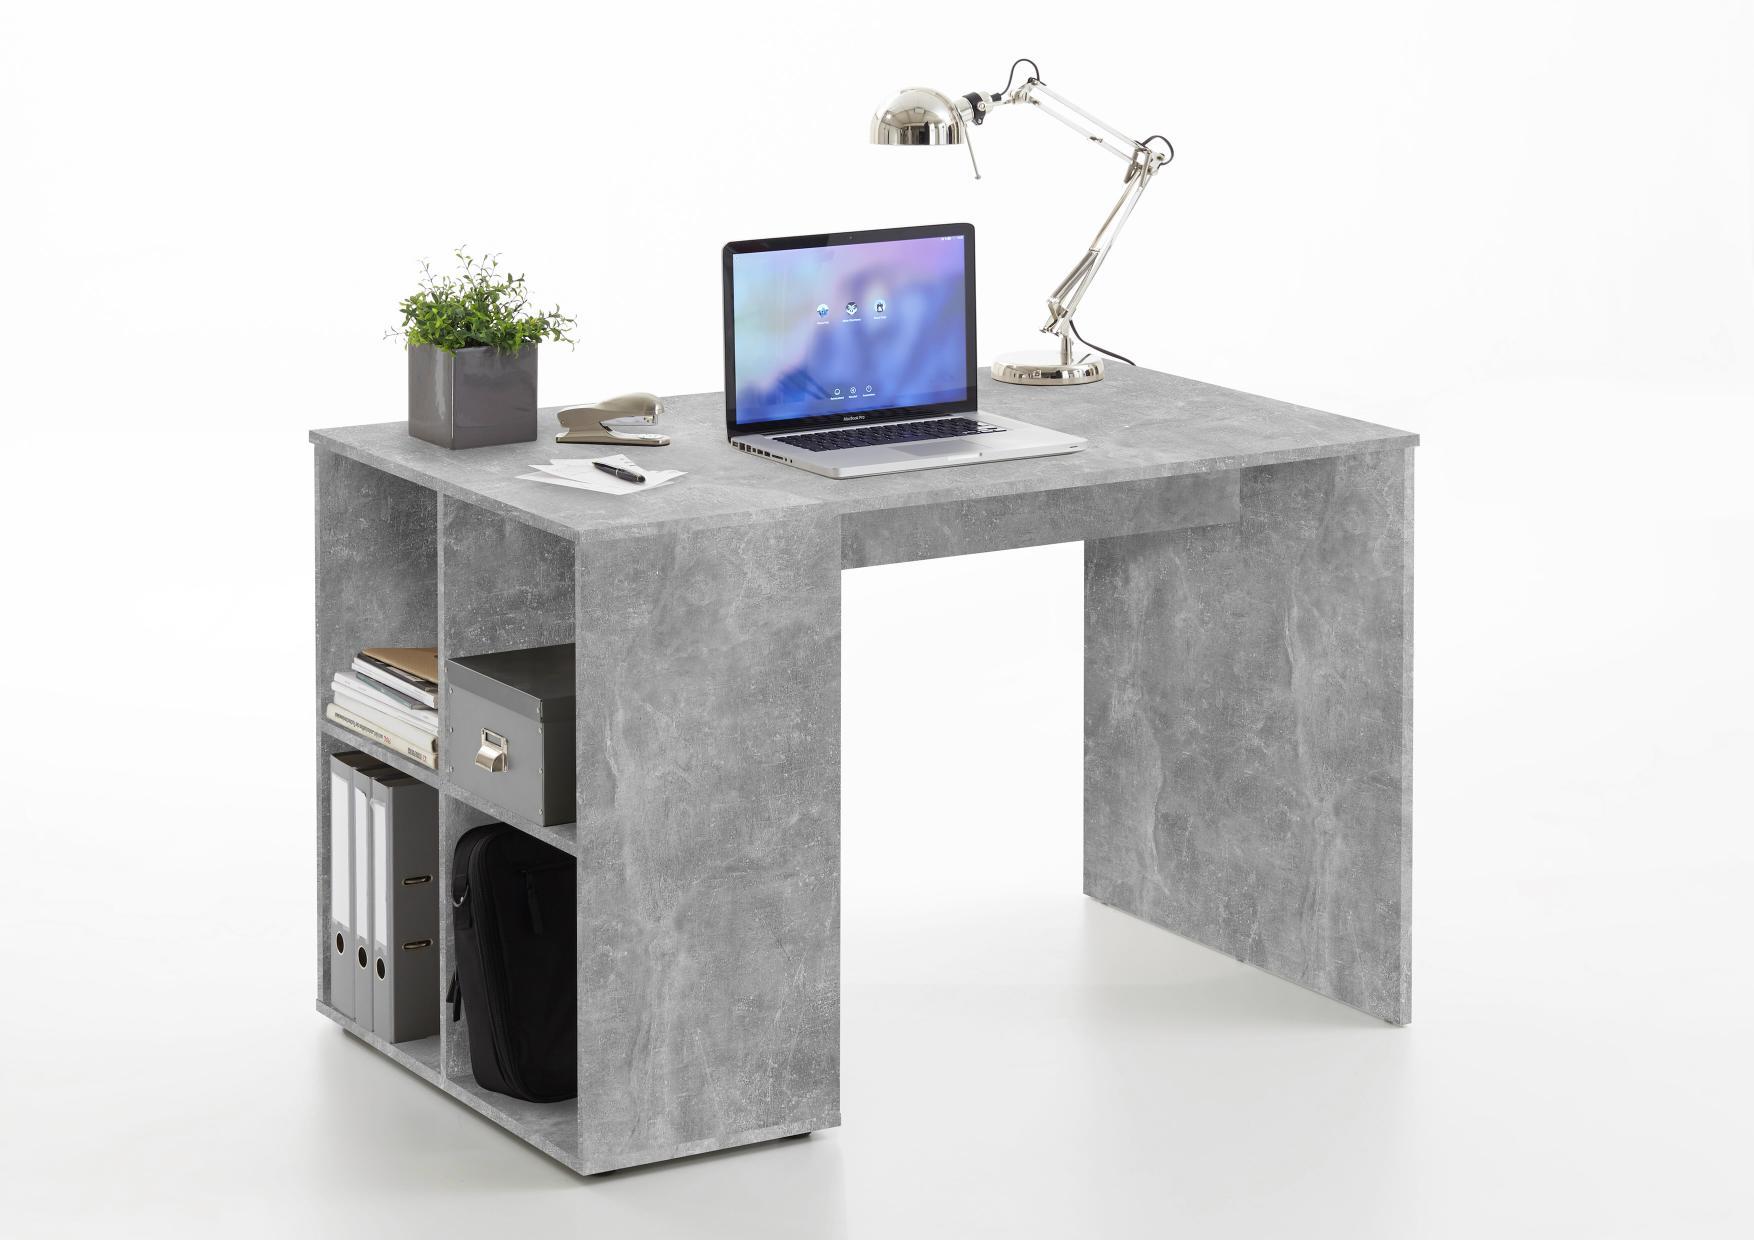 schreibtisch gent beton light atelier nachbildung. Black Bedroom Furniture Sets. Home Design Ideas